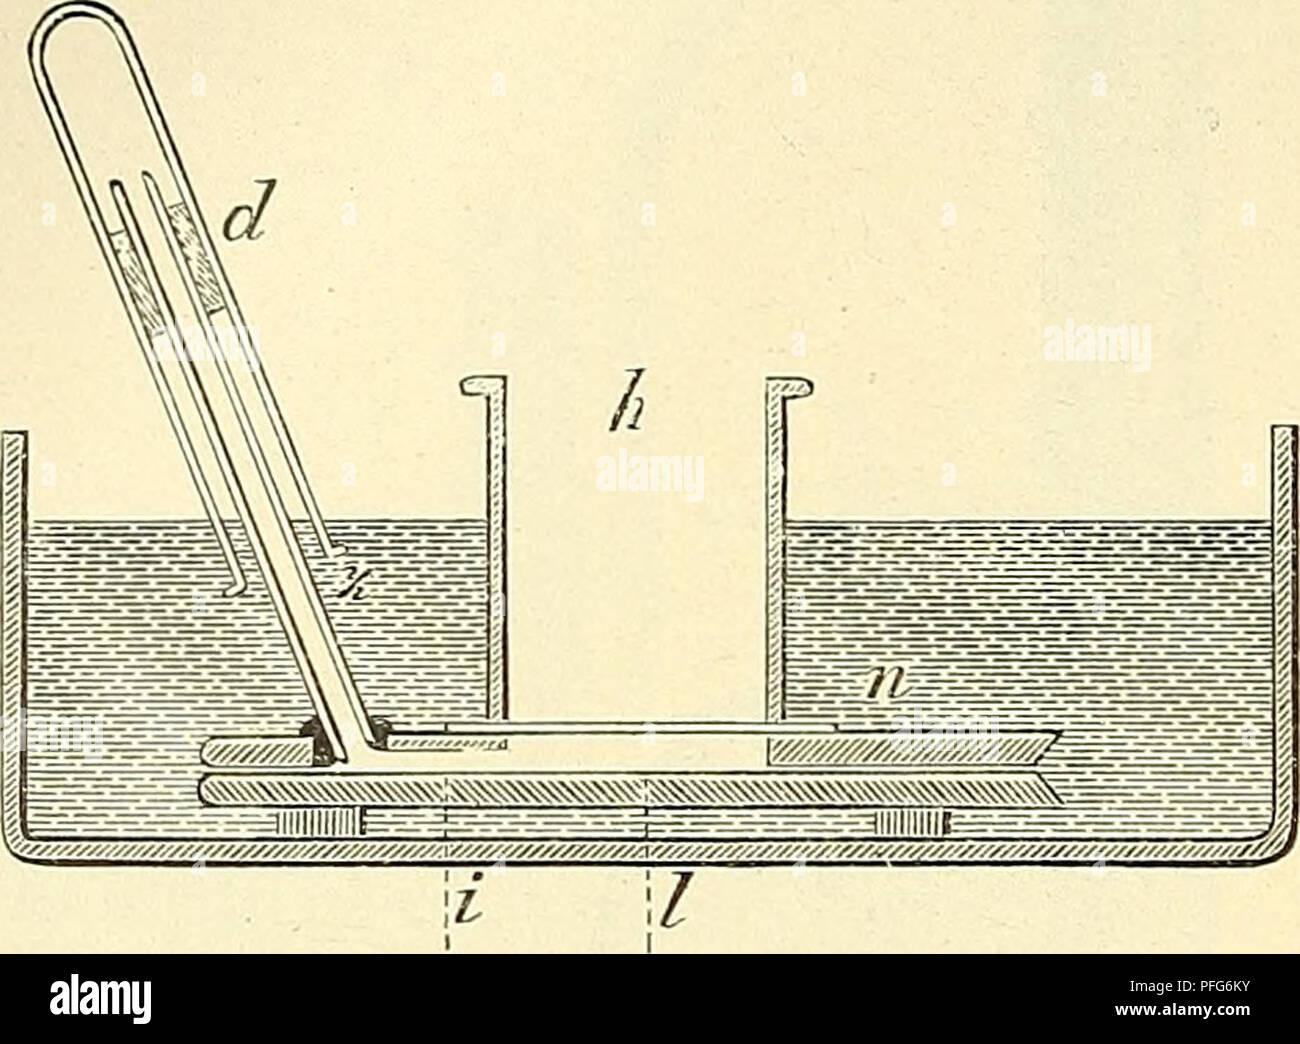 . Das Mikroskop. Ein Leitfaden der wissenschaftlichen Mikroskopie. Microscopy; Microscopes. 230 durch starke Kautschukringe fest angepresst. Um einen Luftwechsel zu ermöglichen, ist ferner das Glasröhrchen (z) einer Durchbohrung des oberen Objectträgers eingekittet, die durch die eingeschliffene Rille (i) mit der Luftkammer communiciert. Um auch Trockensysteme benutzen zu können, umgibt man dieselben zweckmässig mit einer conischen Hülse, durch die der Frontfläche des Objectivs ein dünnes Deckglas dicht angepresst wird, oder man kittet 9 in der aus Fig. 176 ersichtlichen Weise auf das betreffe - Stock Image